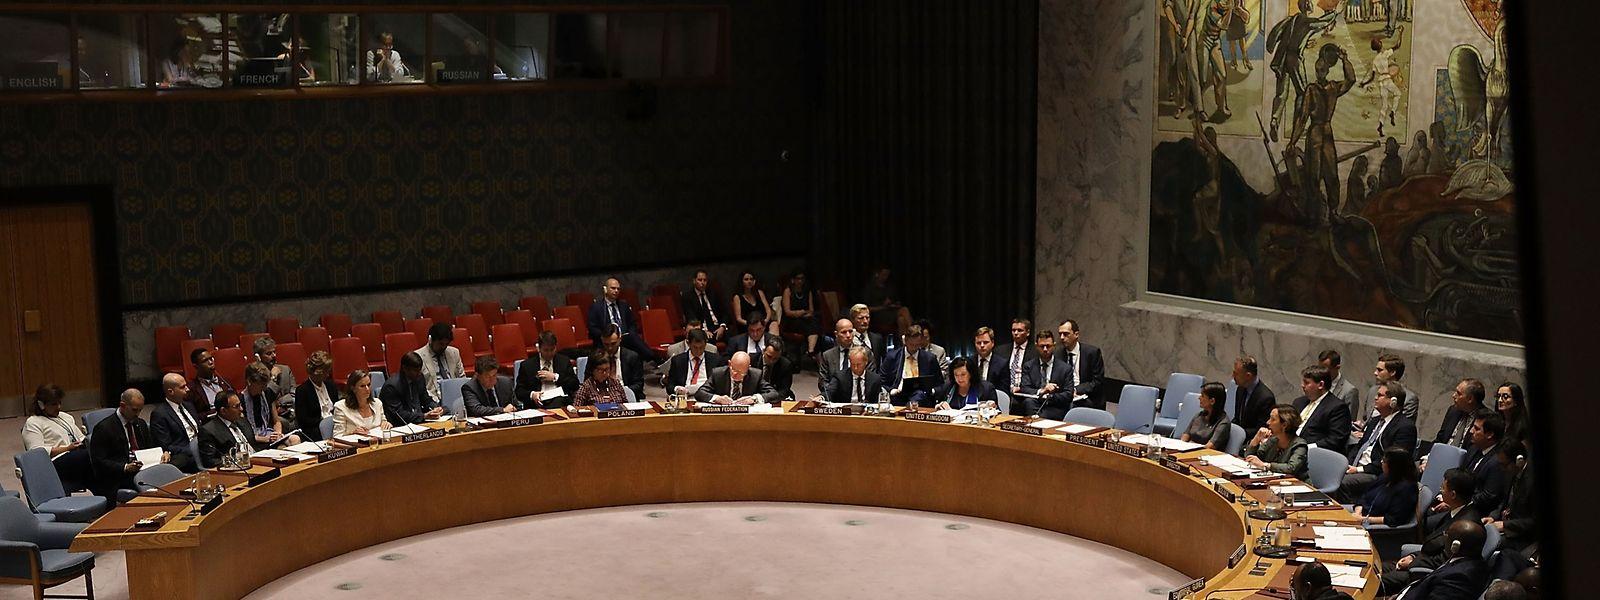 Russlands UN-Botschafter Wassili Nebensja wies die Vorwürfe in einer Sitzung des UN-Sicherheitsrates am Donnerstag in New York zurück.